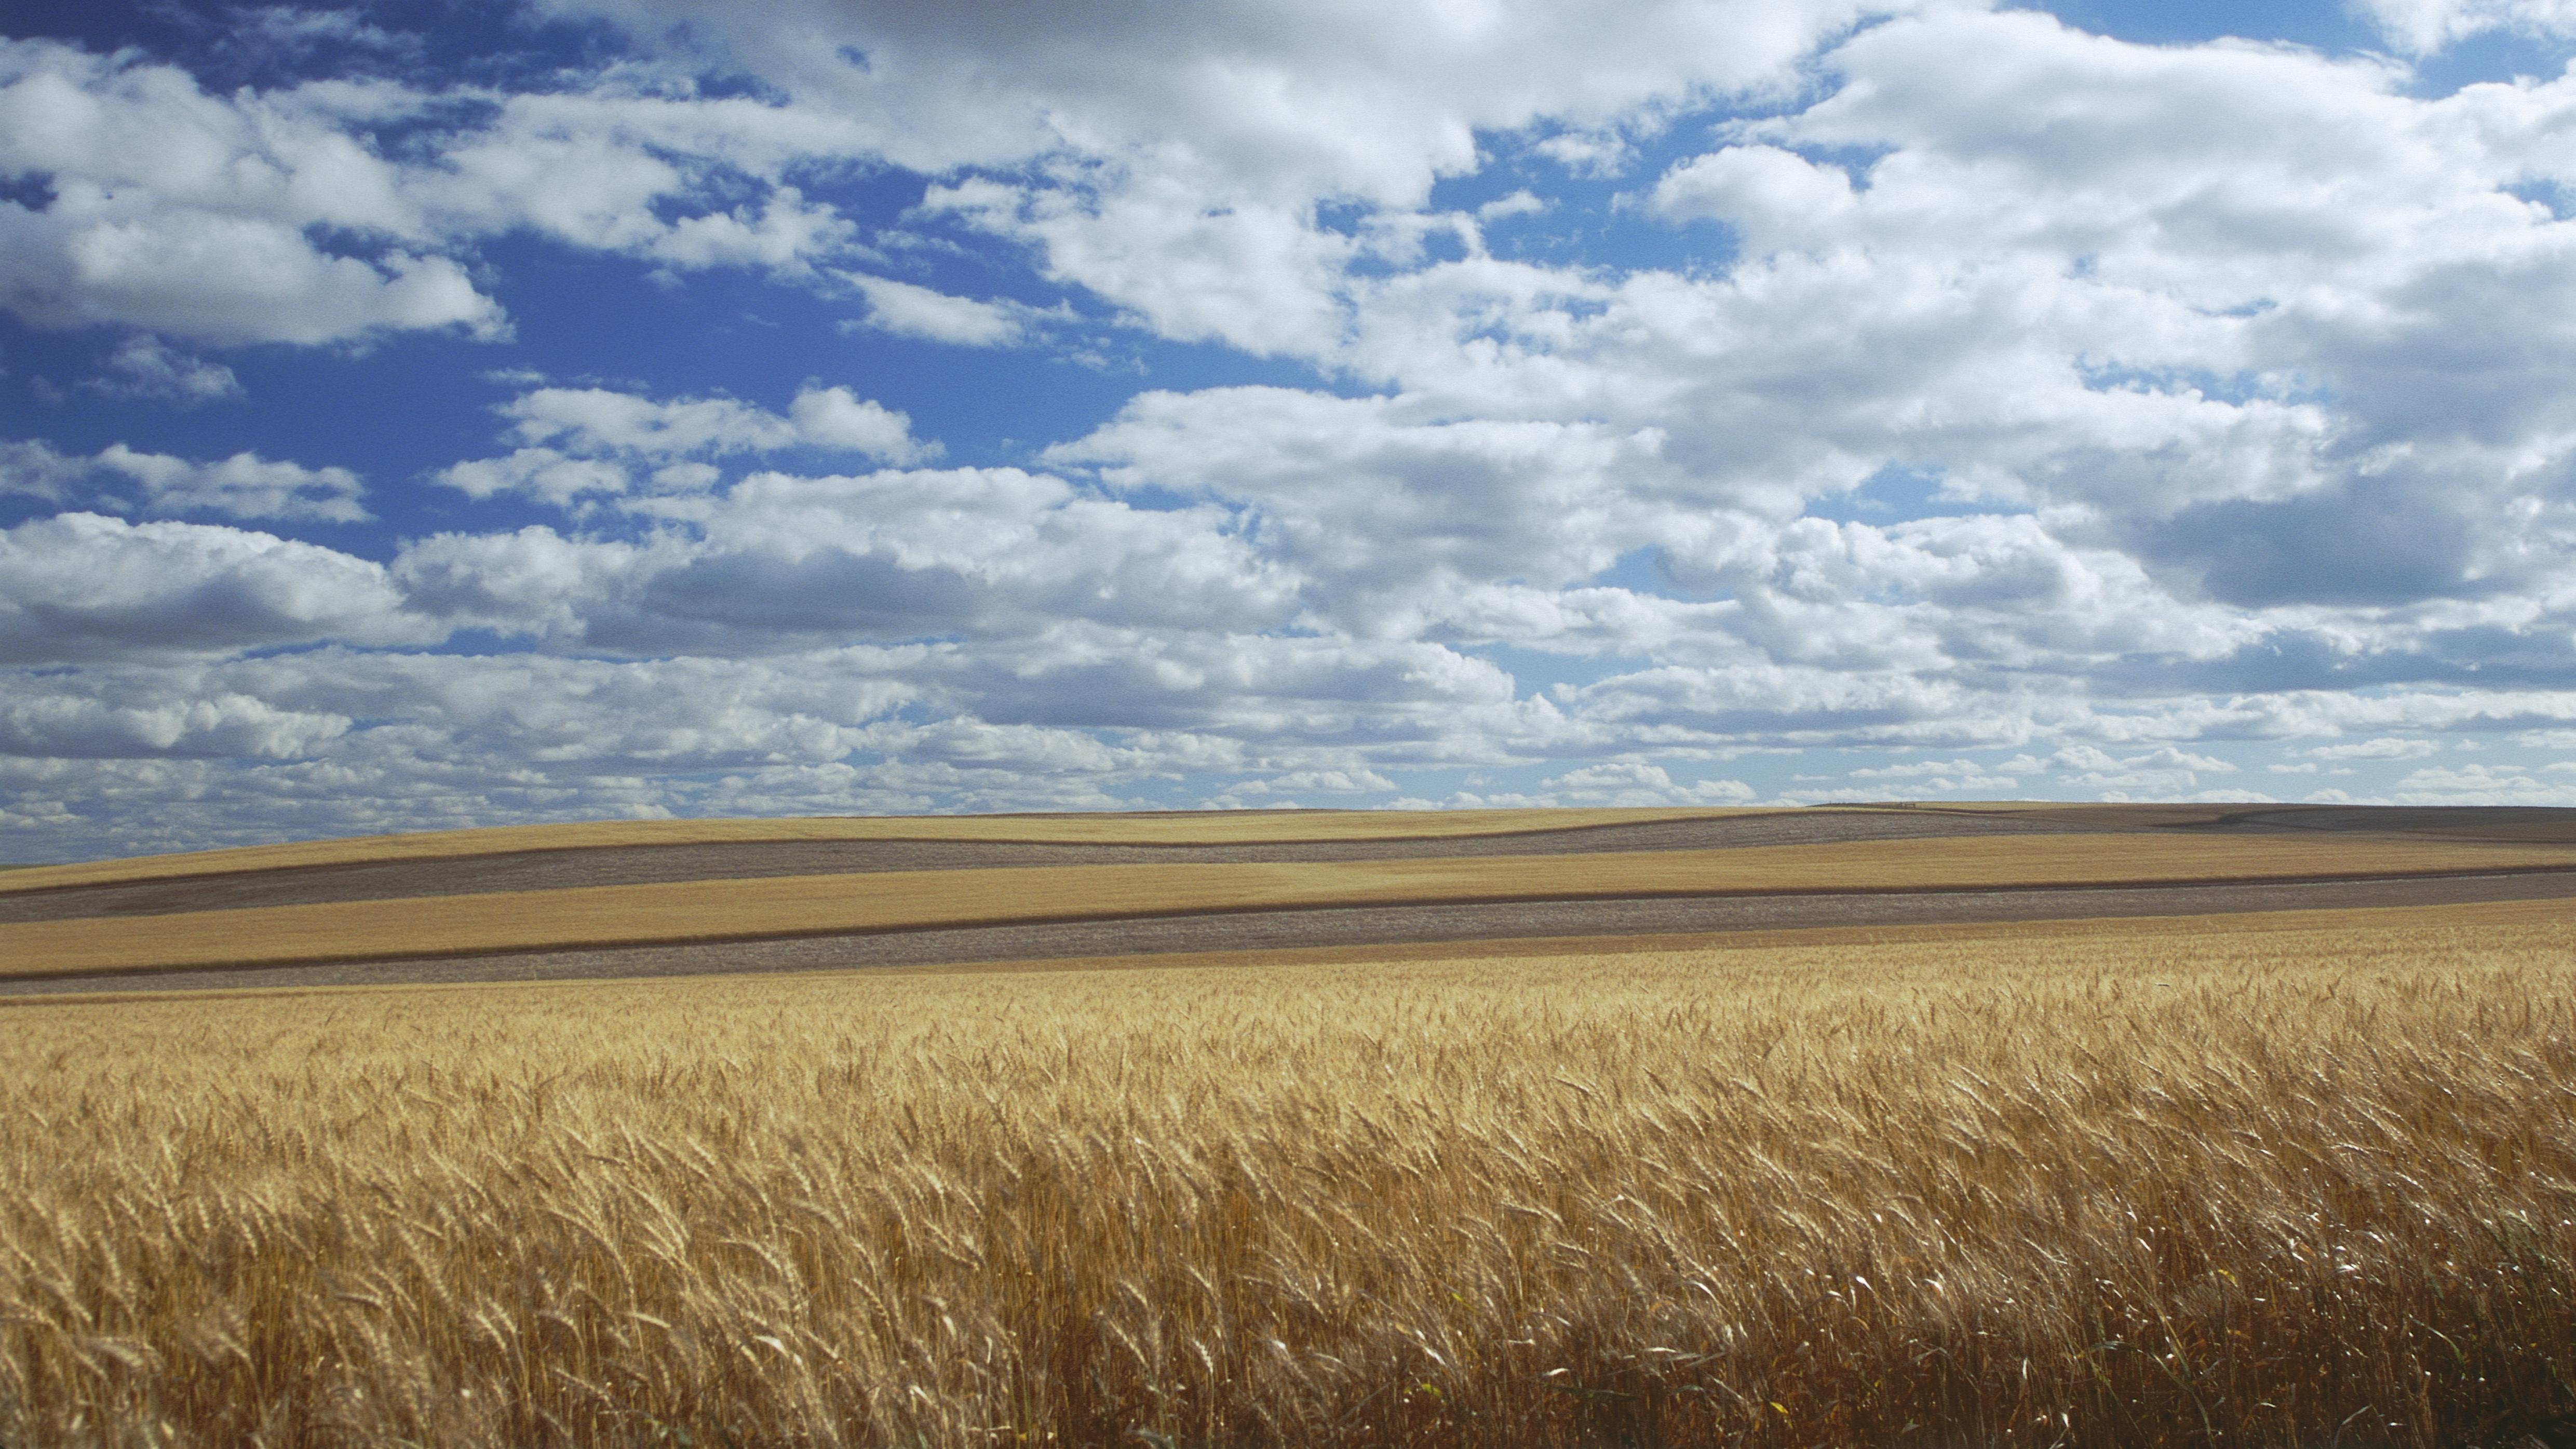 Cumuluswolken über einem Getreidefeld